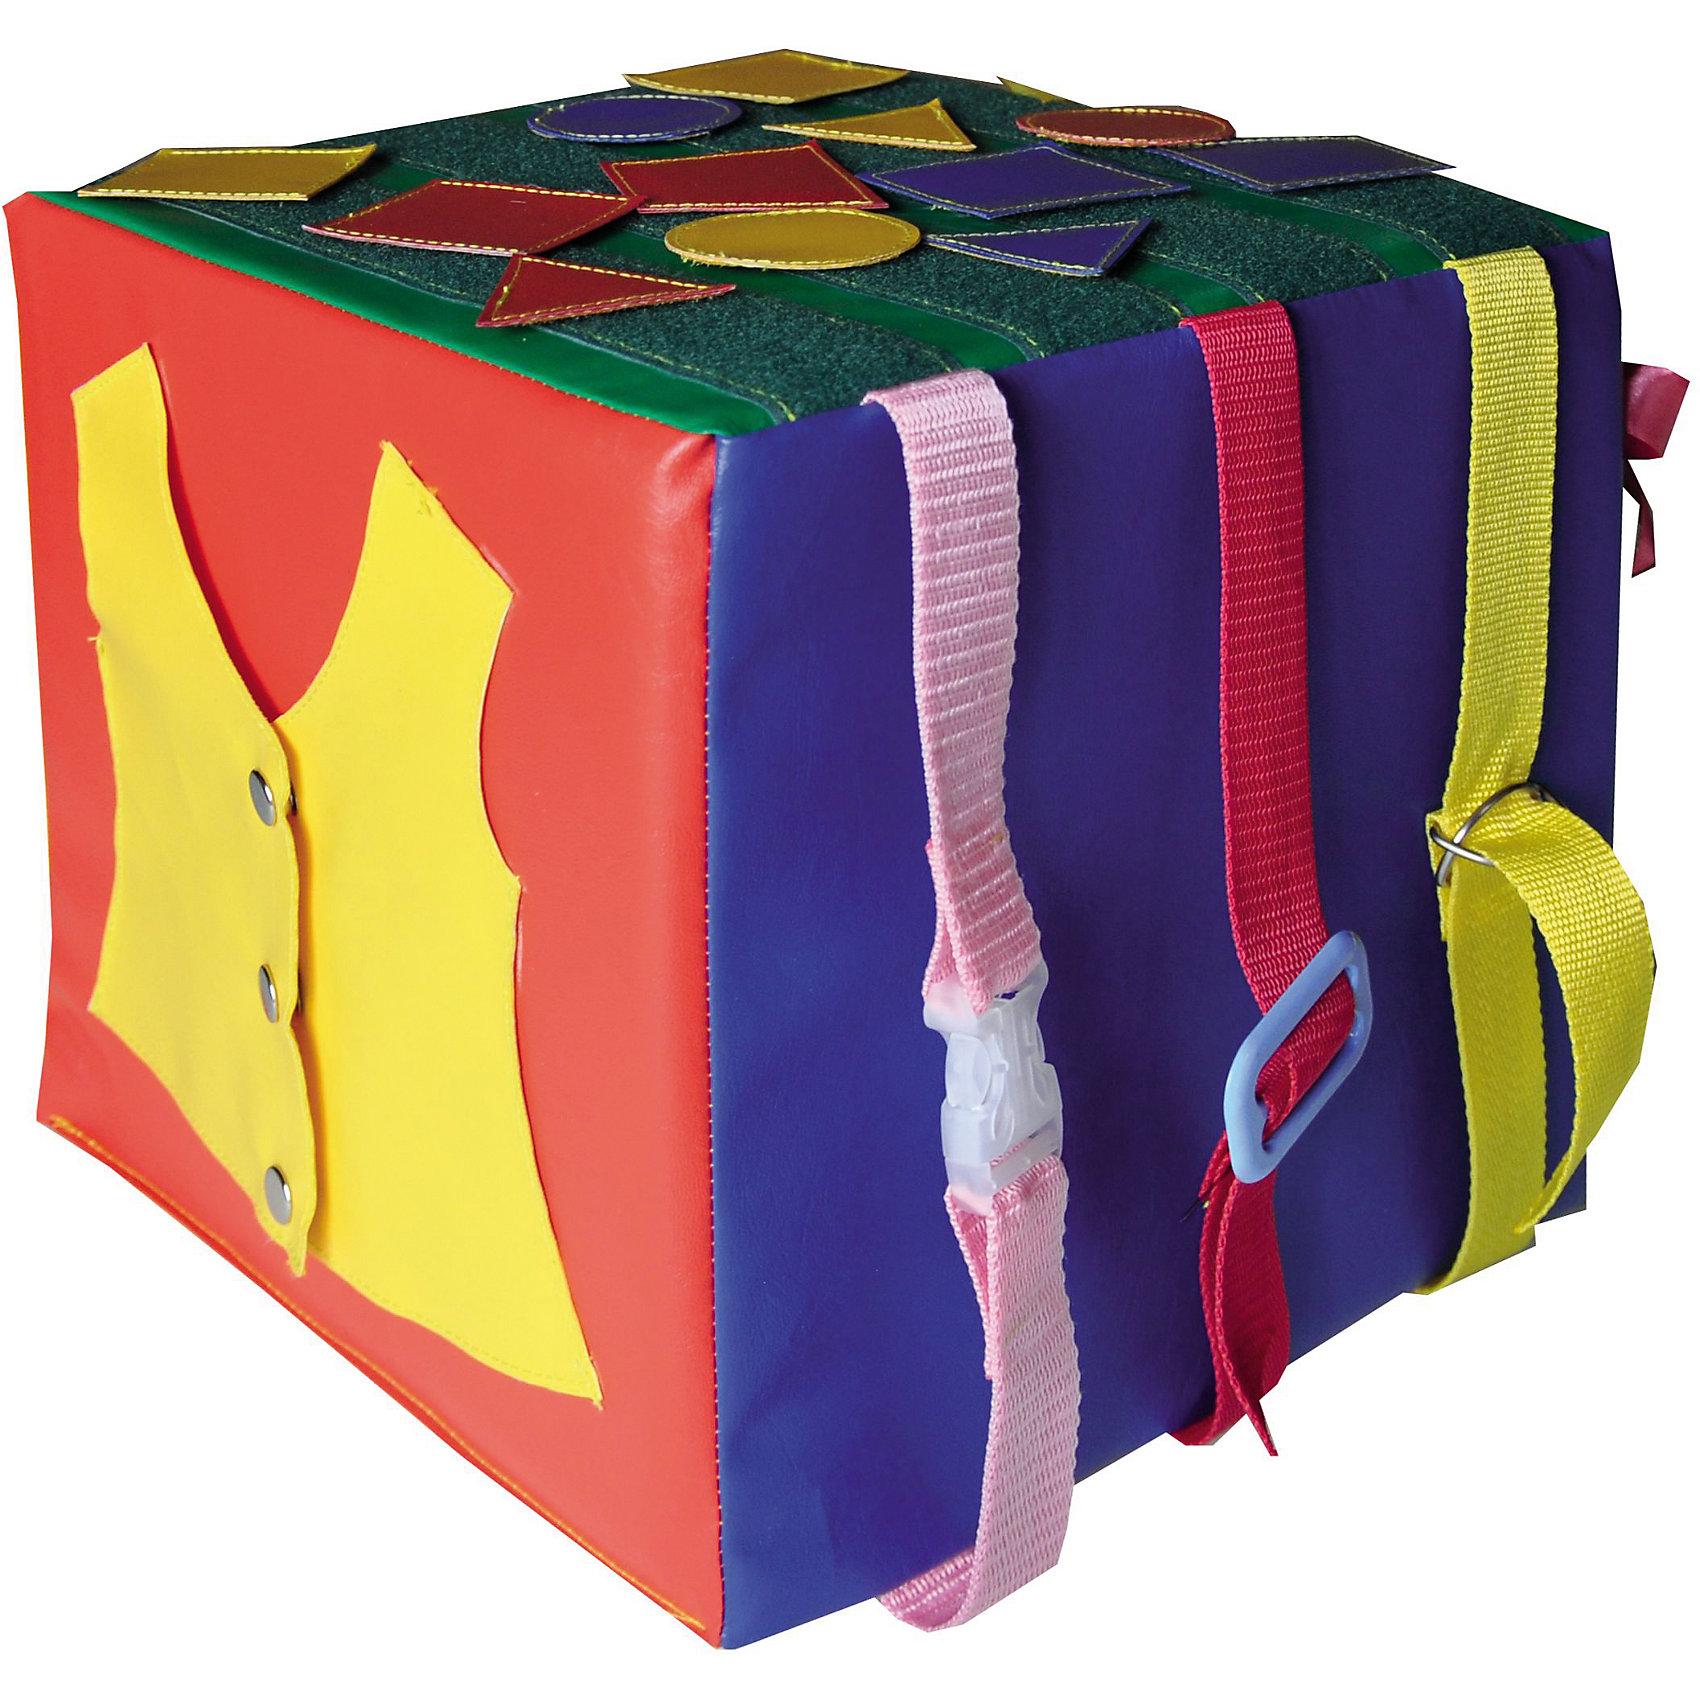 Кубик Умные ладошки, RomanaМебель<br>Характеристики:<br><br>• развивает мышление и мелкую моторику;<br>• знакомит ребенка с геометрическими фигурами;<br>• развивающие элементы: бантики, фигурки на липучке, жилет на кнопках, шнурки-бантики, 3 молнии, 3 пряжки;<br>• размер кубика: 30х30х30 см;<br>• материал: винилискожа, поролон;<br>• размер упаковки: 30х30х30 см;<br>• вес: 1000 грамм.<br><br>Кубик Умные ладошки - отличный вариант развивающих игр для детей дошкольного и младшего школьного возраста. Каждая сторона кубика имеет разные развивающие элементы: фигурки на липучках, бантики, шнурки, жилет на кнопках, молнии и пряжки. <br><br>Игрушка познакомит ребенка с геометрическими фигурами, а также поможет развить мышление и мелкую моторику. К тому же, ребенок научится справляться с разными застежками и завязками, что, несомненно, пригодится ему в жизни. Например, после игр с кубиком ребенок сможет самостоятельно завязать шнурки и застегнуть одежду. <br><br>Кубик изготовлен из поролона и винилискожи, благодаря чему ребенок не поранится и не ушибется при случайном падении на кубик. В случае необходимости вы легко очистите игрушку от загрязнений с помощью обычных моющих средств. <br><br>Кубик Умные ладошки подходит для детских образовательных учреждений и для домашнего использования.<br><br>Кубик Умные ладошки, Romana (Романа) вы можете купить в нашем интернет-магазине.<br><br>Ширина мм: 300<br>Глубина мм: 300<br>Высота мм: 300<br>Вес г: 1000<br>Возраст от месяцев: 36<br>Возраст до месяцев: 60<br>Пол: Унисекс<br>Возраст: Детский<br>SKU: 6742450